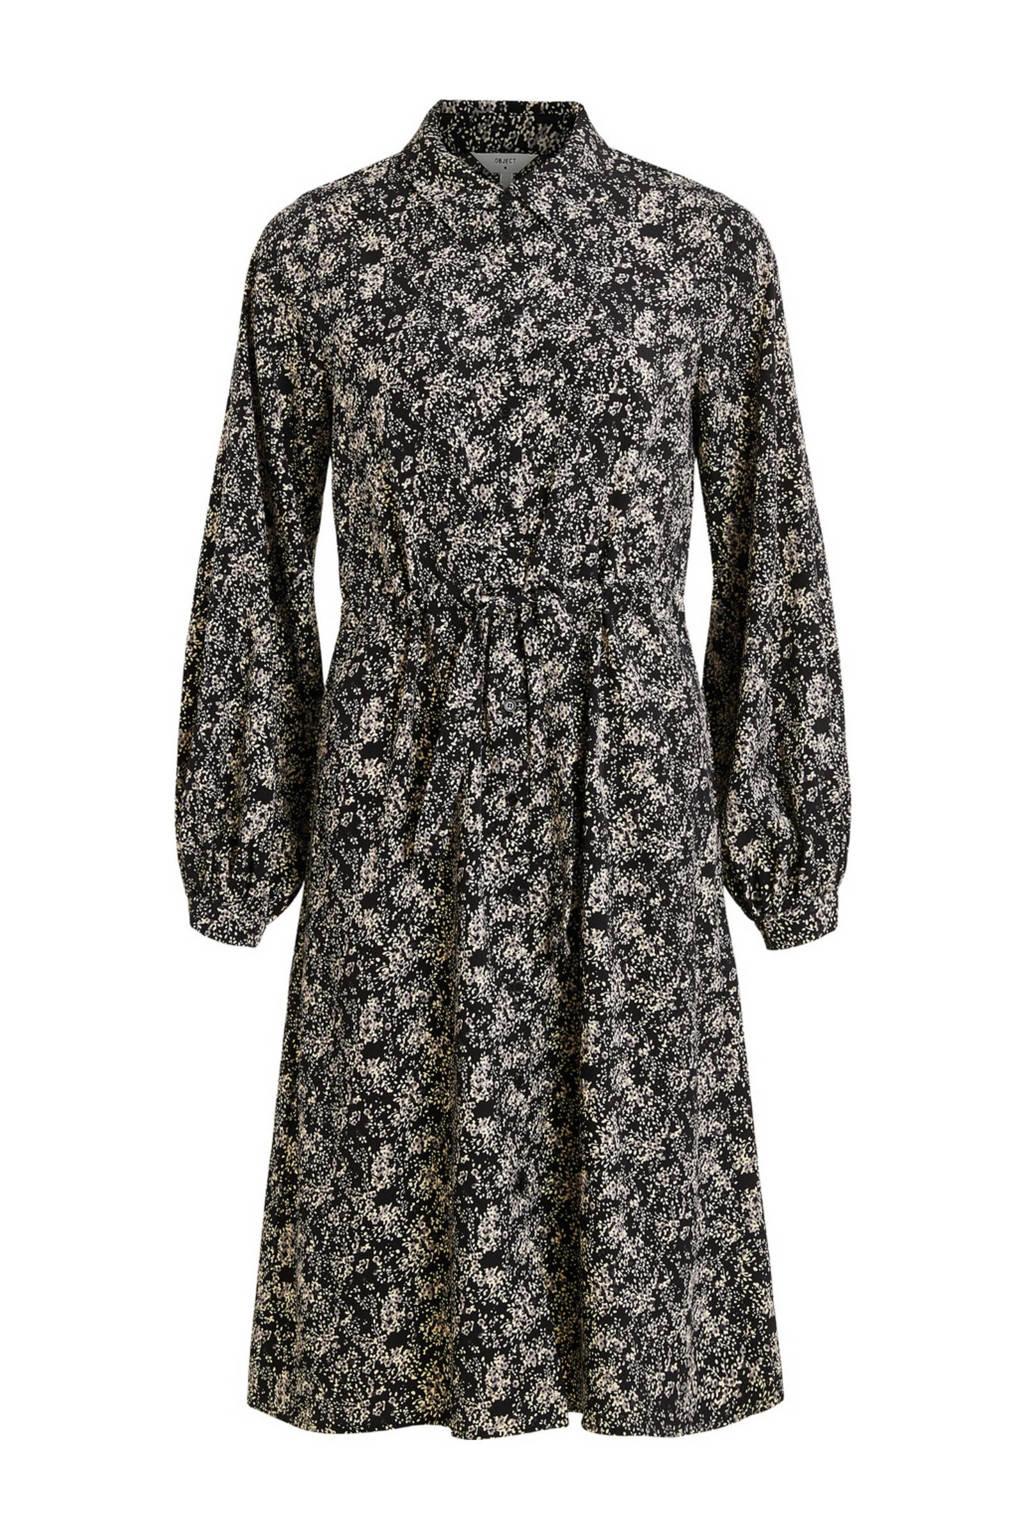 OBJECT blousejurk met all over print zwart, Zwart